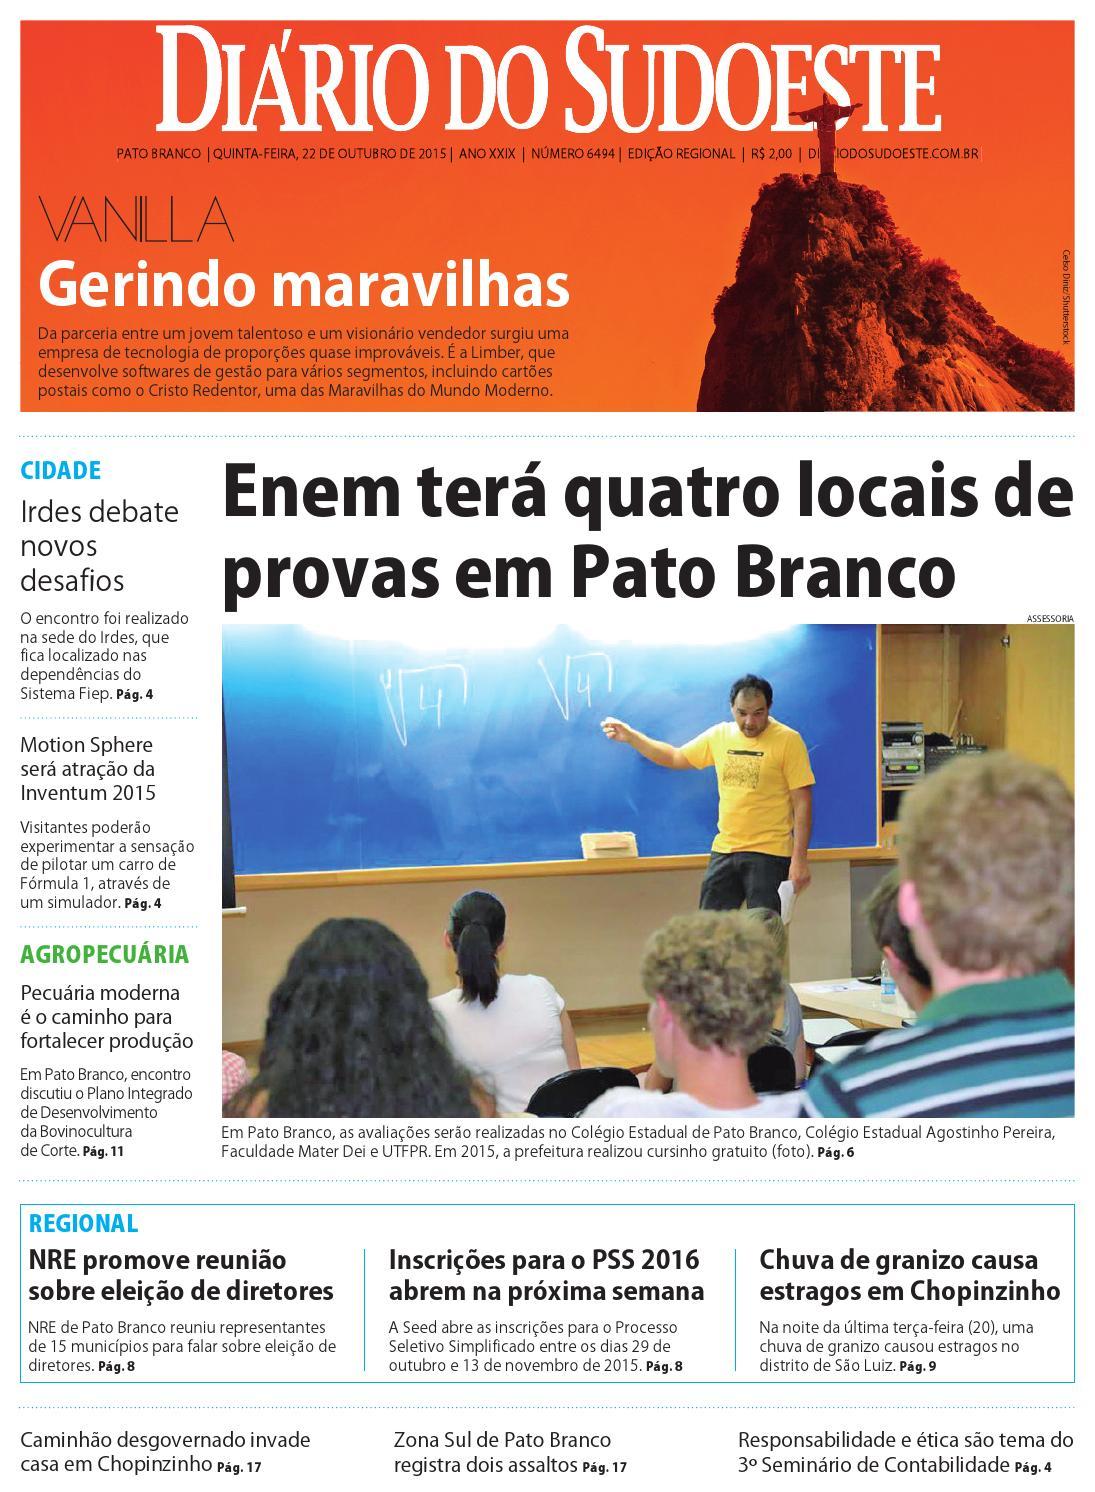 Diário do sudoeste 22 de outubro de 2015 ed 6494 by Diário do Sudoeste -  issuu 1a1576c002d7a